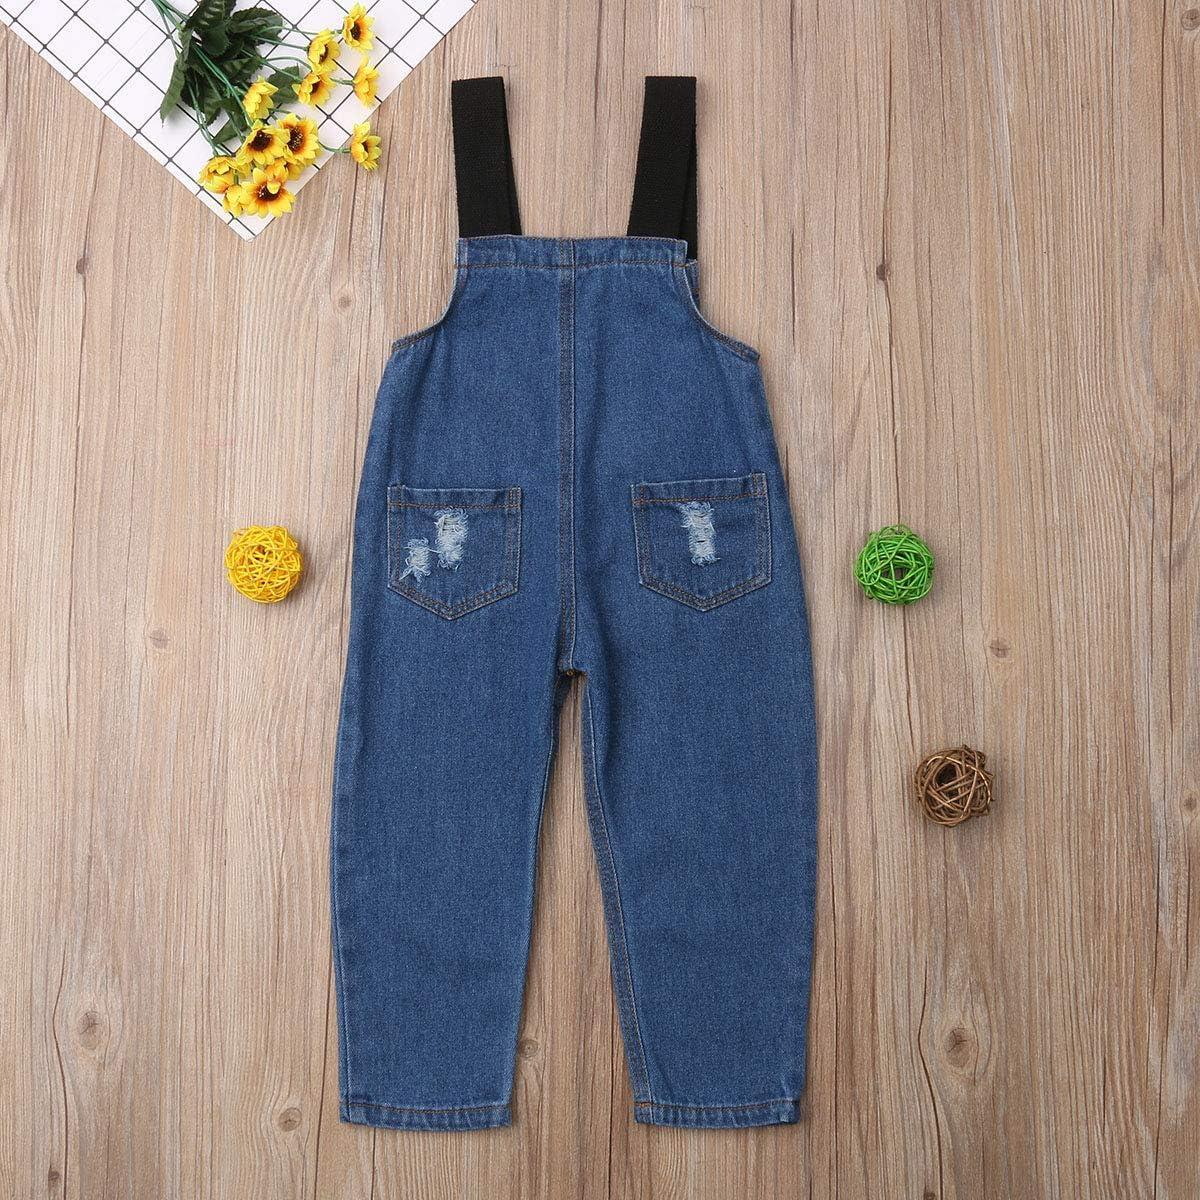 Gupgi Kids Baby Boys Girl Denim Suspender Pants Overall Jeans